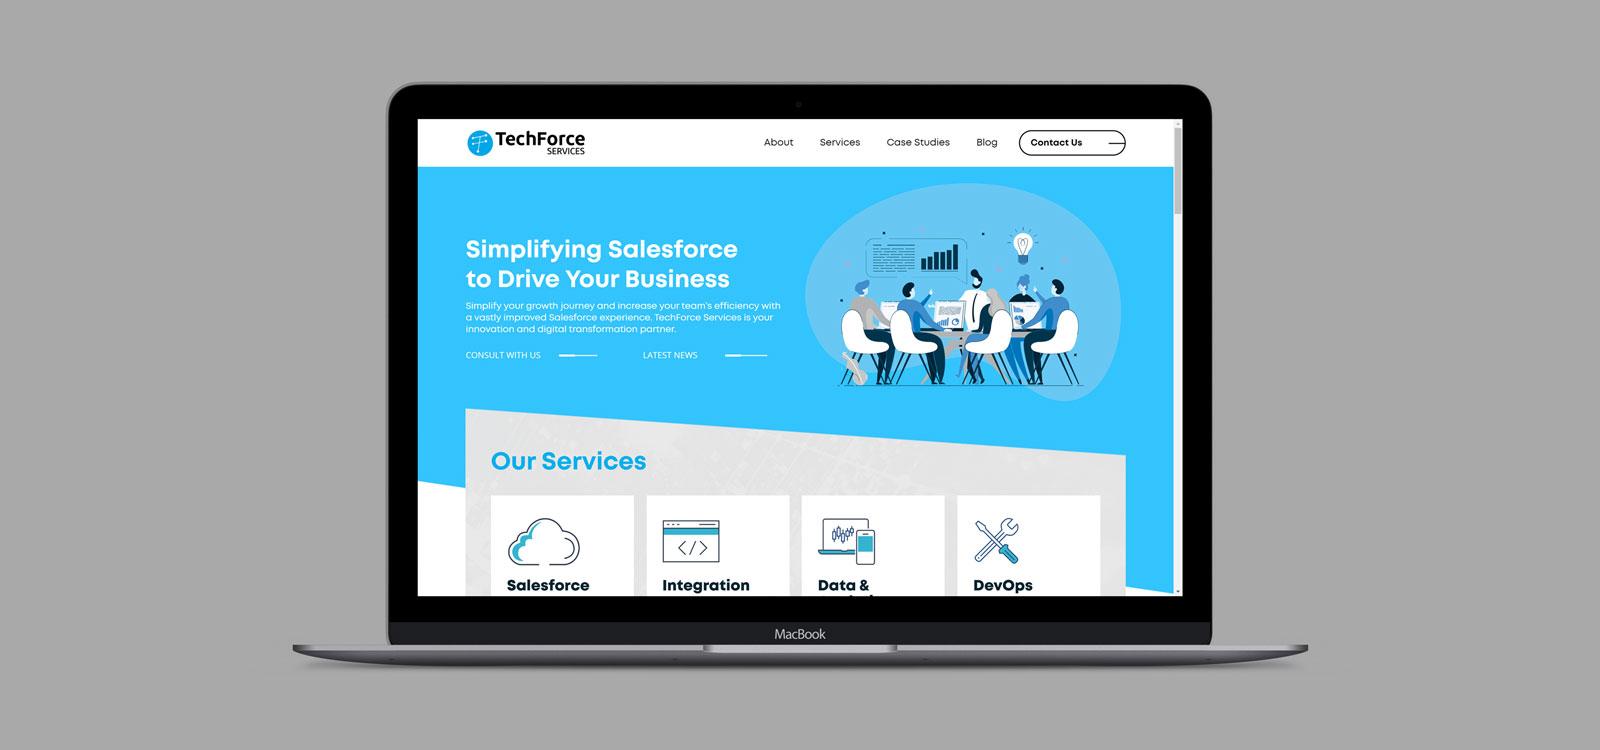 TechForce Website design